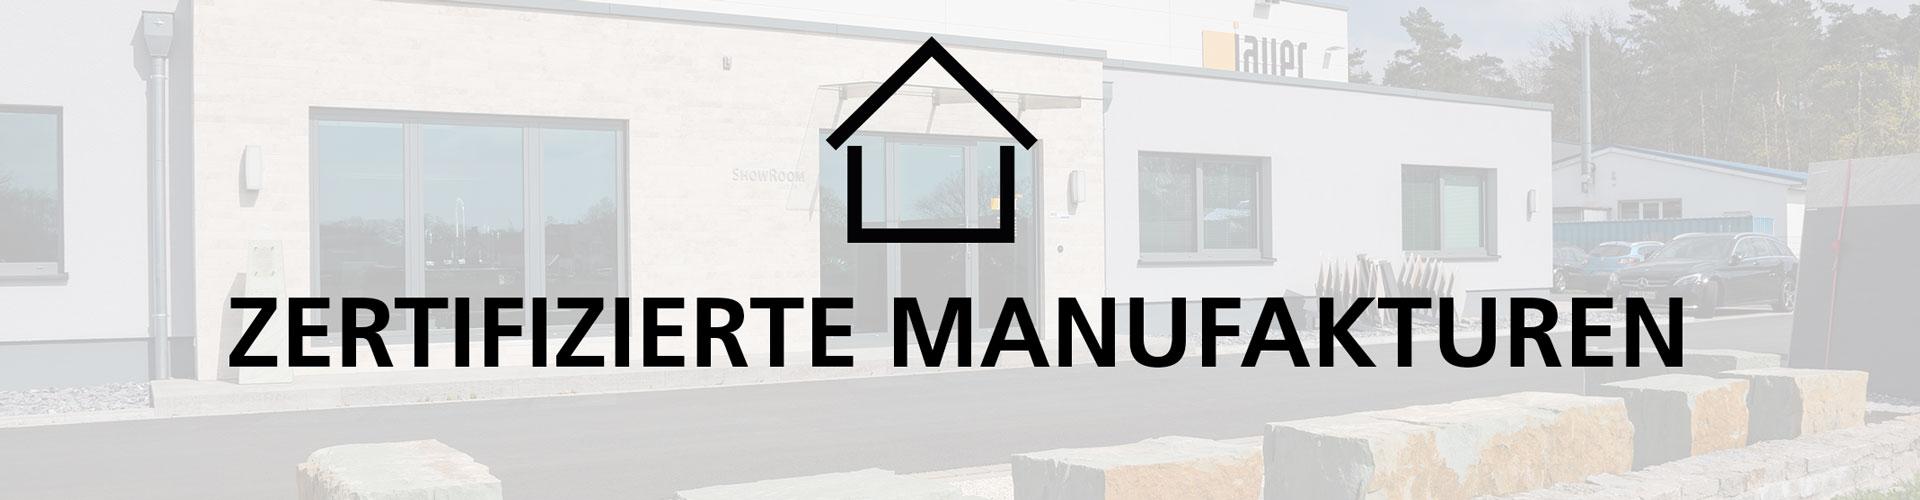 Zertifizierte_Manufakturen_30072019